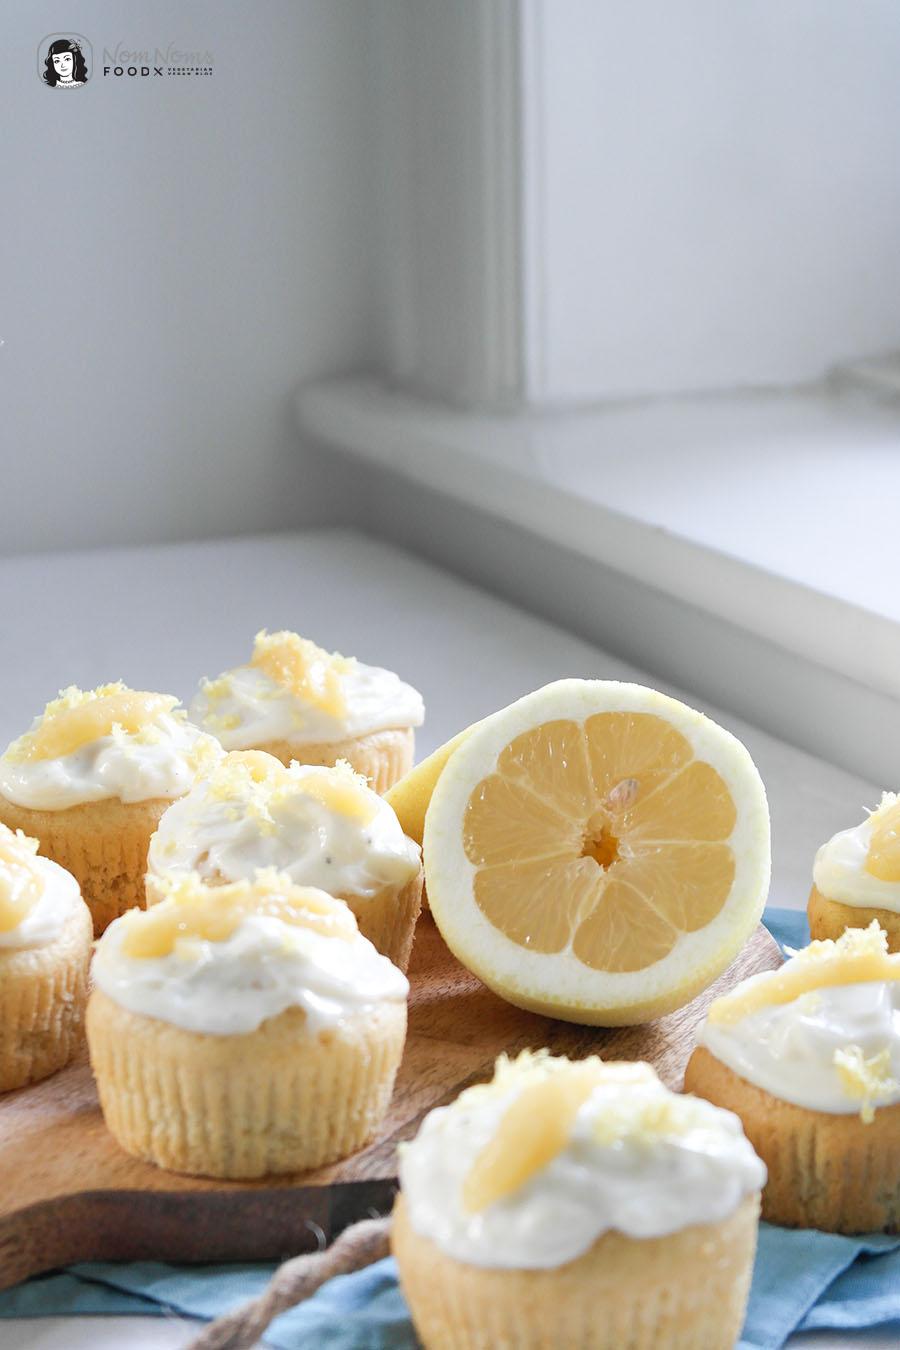 Zitronen-Cupcakes mit Mango-Curd-Füllung und Zitronen-Frischkäse-Frosting